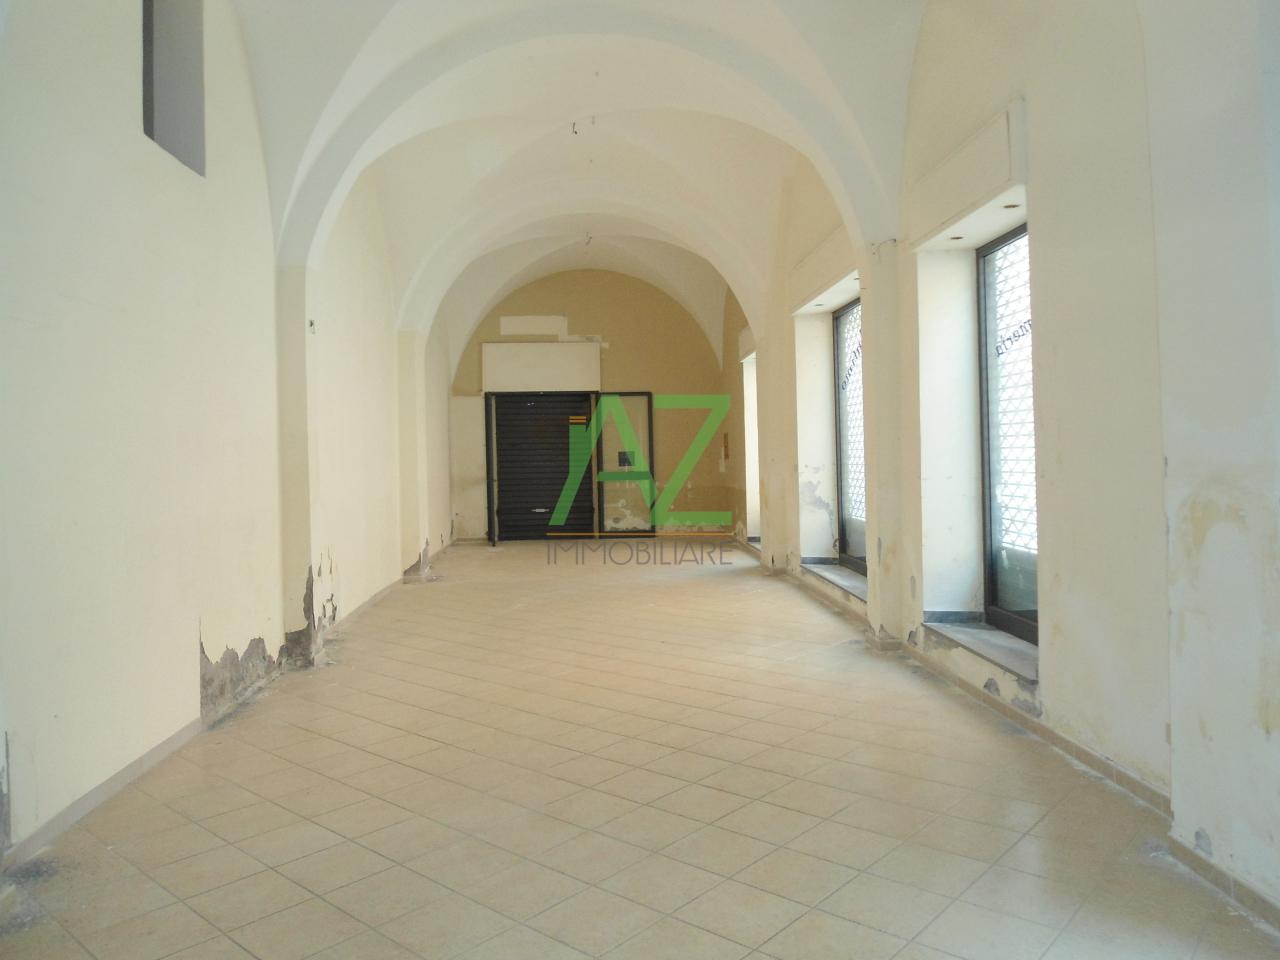 Negozio / Locale in affitto a Acireale, 9999 locali, prezzo € 670 | Cambio Casa.it